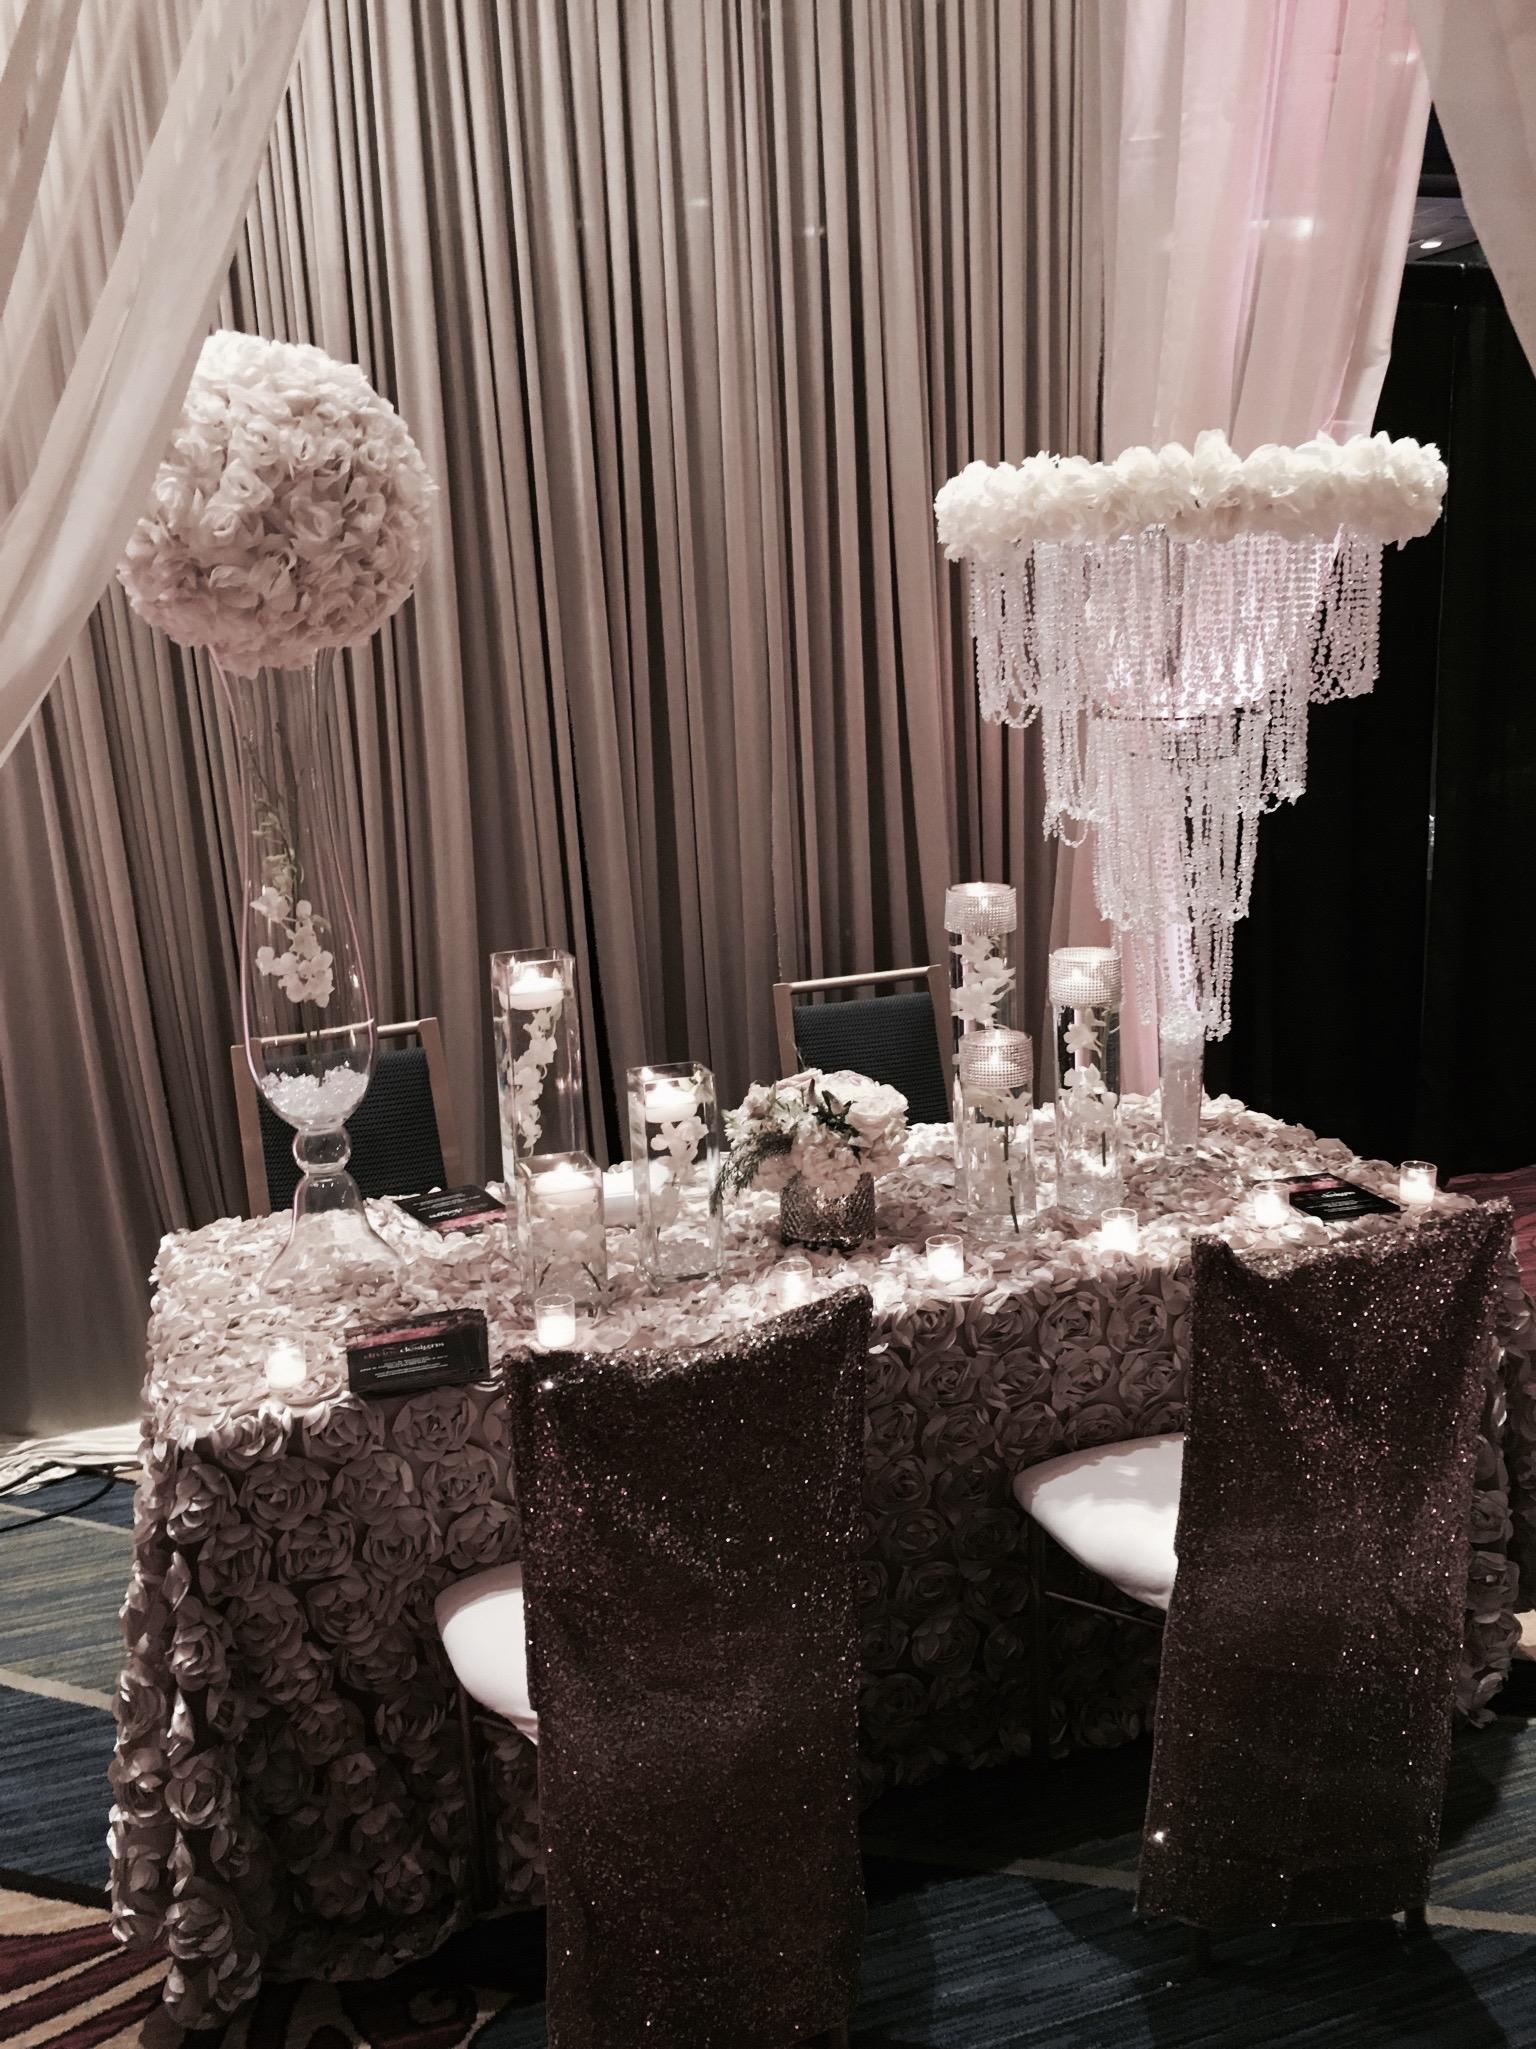 NK Bride Luxury Bridal ExpoIMG_0007.jpg